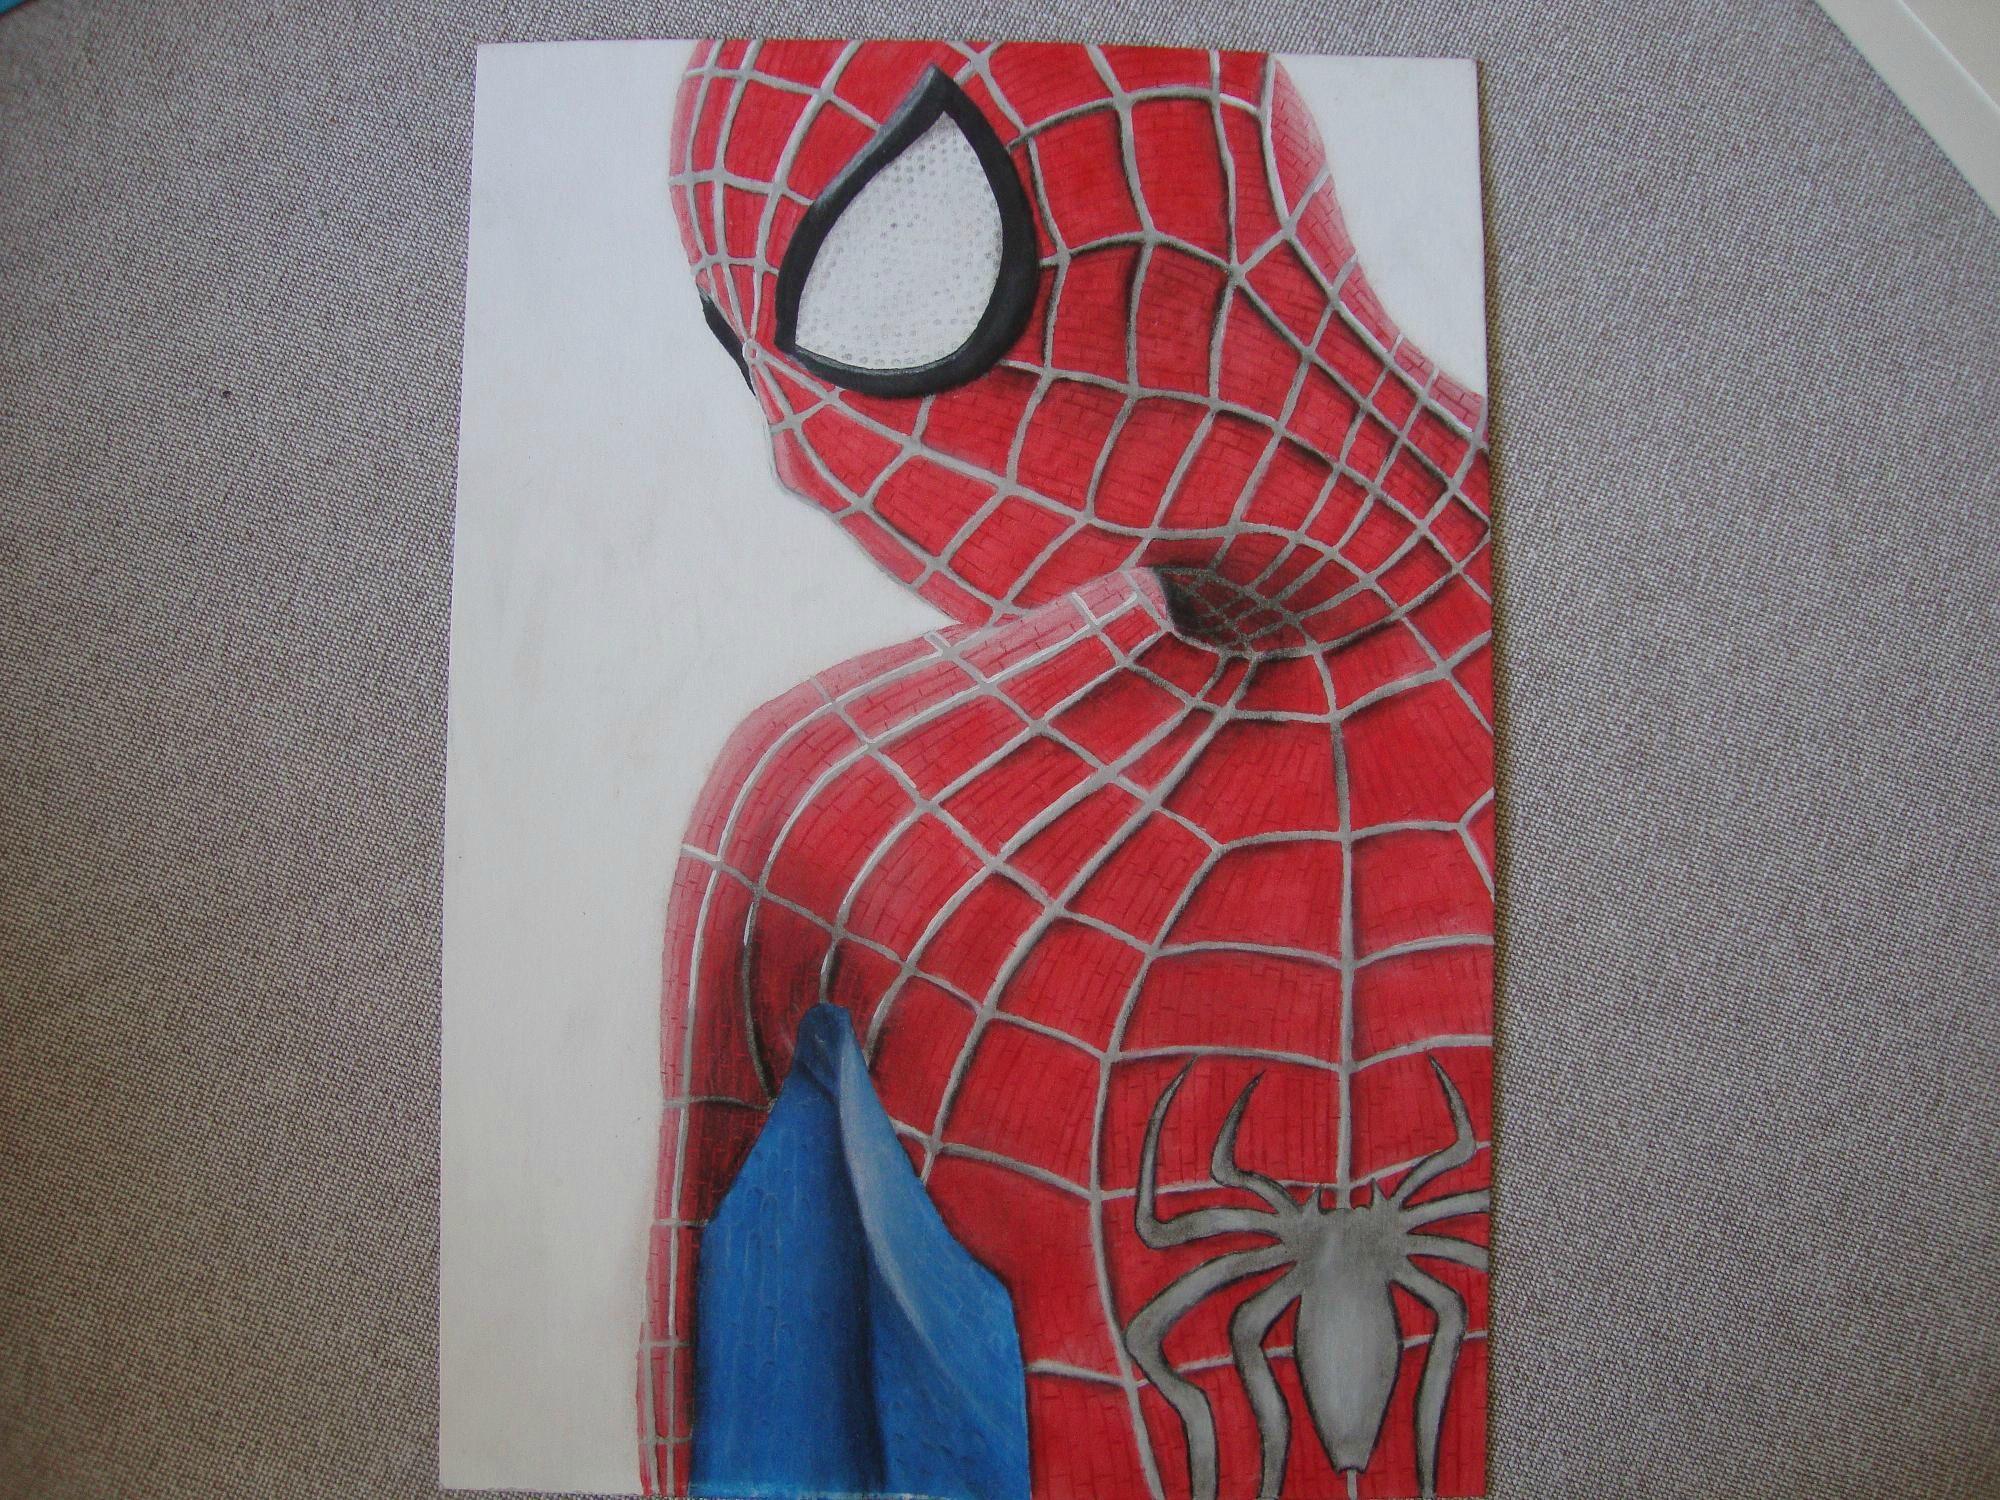 Dessins de manon promarker babyshabby id e dessin dessin promarker dessin spiderman et dessin - Coloriage manon ...